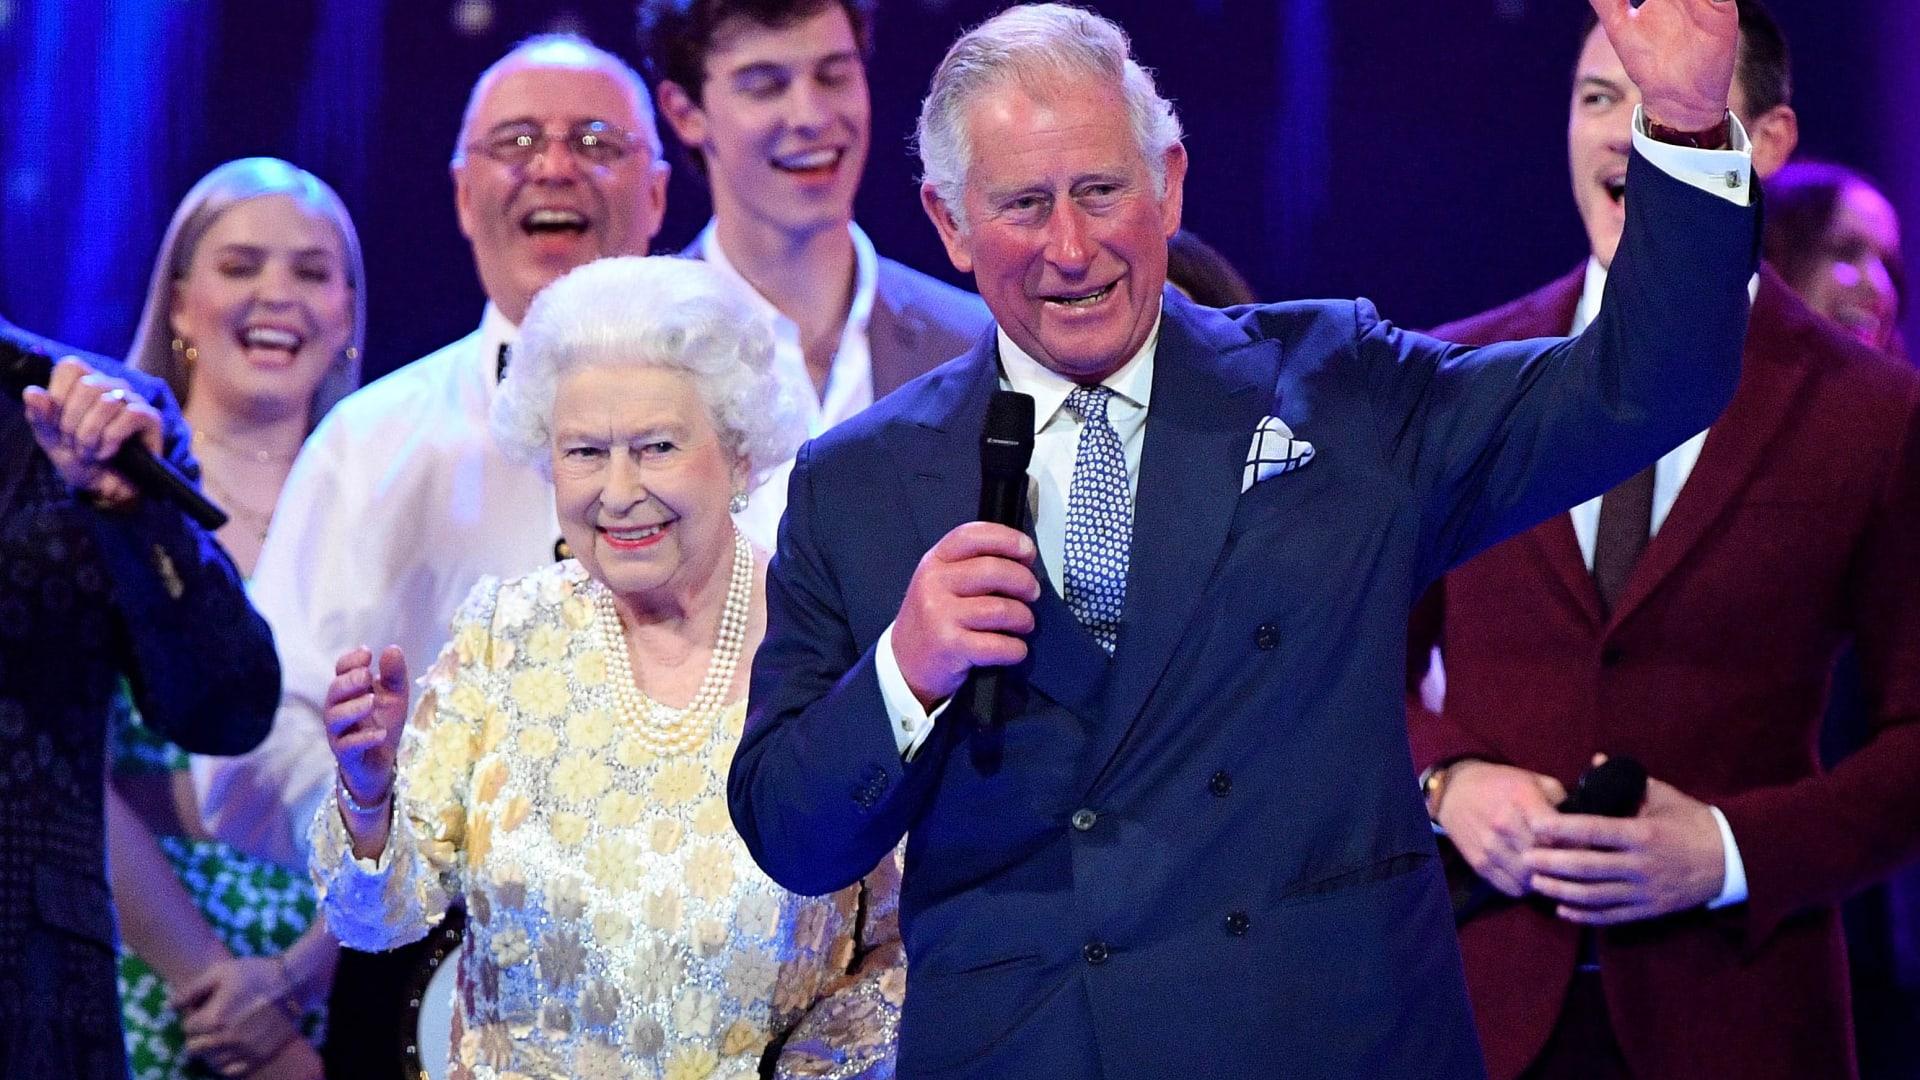 الأمير تشارلز معلقا على ولادة حفيده الجديد: هناك مشكلة وحيدة